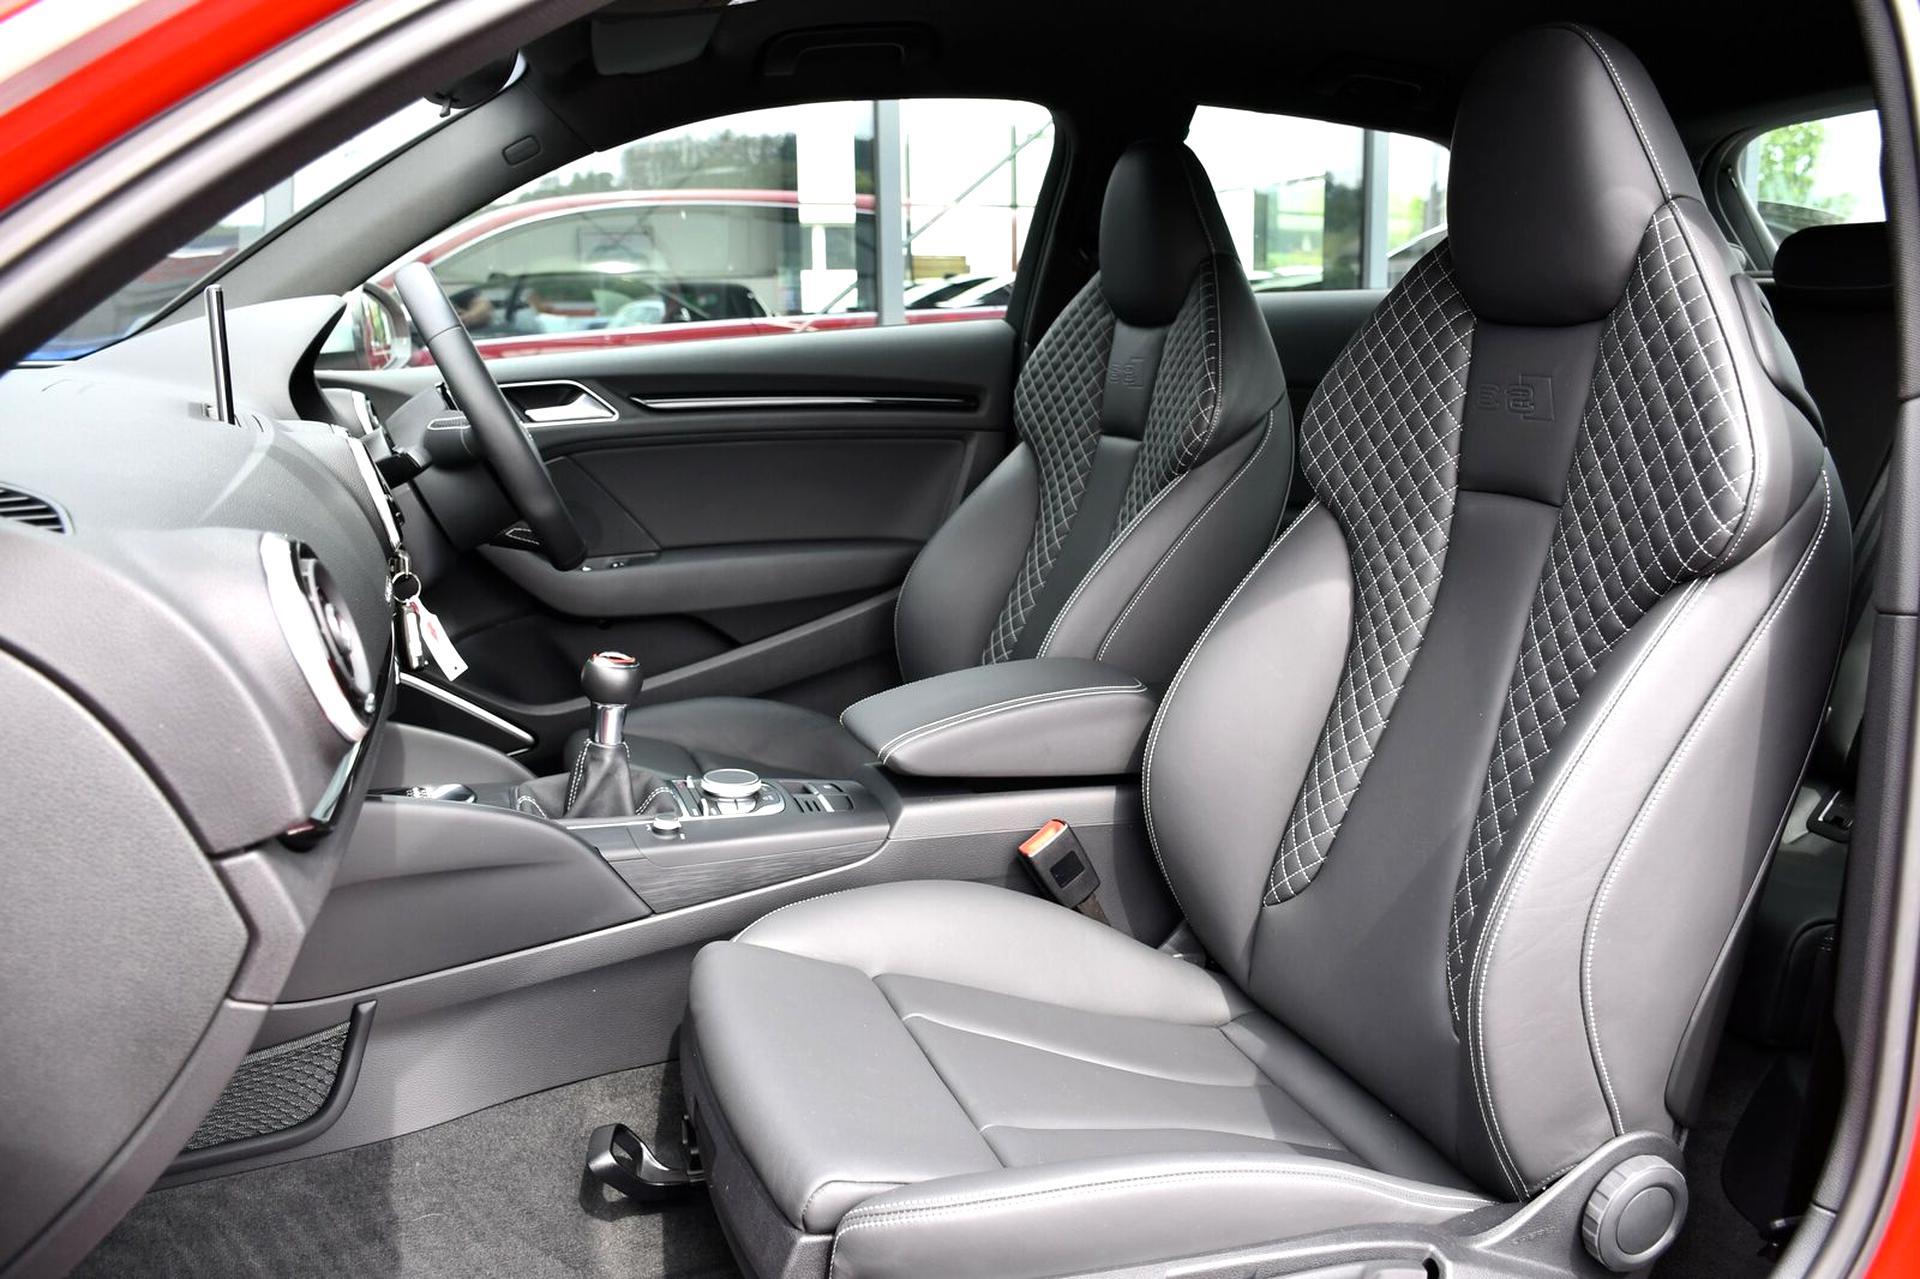 Audi S3 Sitze Gebraucht Kaufen Nur 3 St Bis 75 Gunstiger